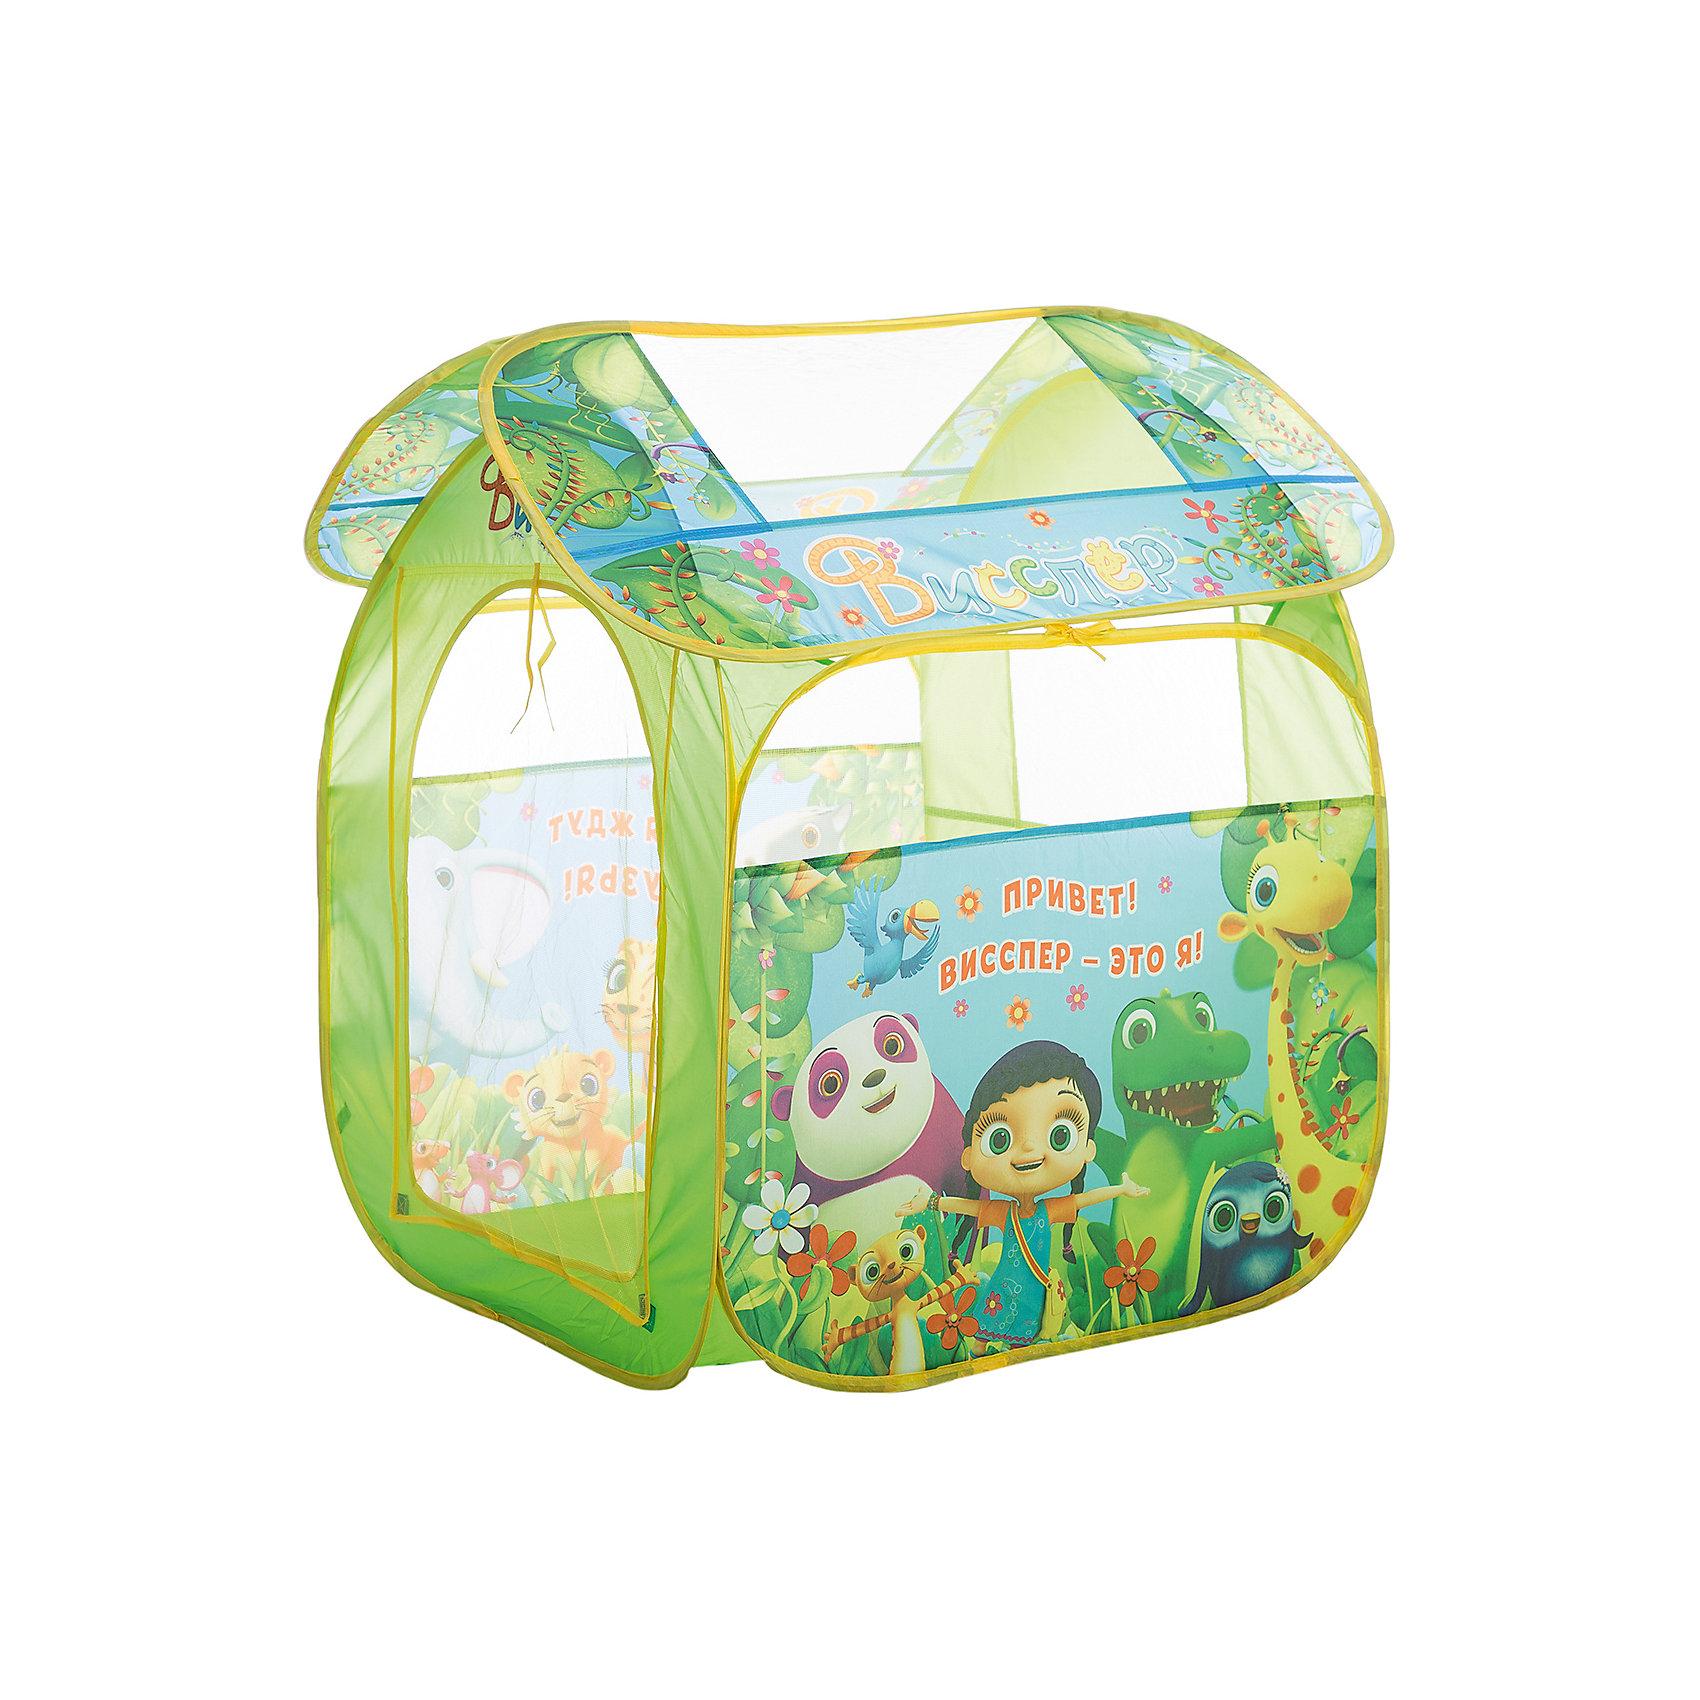 Игровая палатка Висспер, 83*100*80 см, РосмэнИгровые центры<br>Характеристики:<br><br>• для детей в возрасте: от 3 лет<br>• размер: 83х100х80 см.<br>• материал: полиэстер, пластик<br>• упаковка: чехол<br>• размер упаковки: 39х39х4 см.<br>• вес: 748 гр.<br><br>Красочная игровая палатка «Висспер» предназначена для игр дома и на улице. Она состоит из 2 частей (основного корпуса и крыши), каждая из которых оснащена сетчатыми окошками для вентиляции. Входной полог закрывается на липучки. На две стороны и крышу нанесены изображения любимых персонажей. <br><br>Благодаря удобному самораскладывающемуся каркасу, палатку можно легко и быстро складывать и раскладывать. В сложенном виде палатка компактна и не занимает много места. Палатка изготовлена из полиэстера, каркас пластиковый.<br><br>Игровую палатку Висспер, 83*100*80 см, Росмэн можно купить в нашем интернет-магазине.<br><br>Ширина мм: 390<br>Глубина мм: 390<br>Высота мм: 55<br>Вес г: 748<br>Возраст от месяцев: 36<br>Возраст до месяцев: 2147483647<br>Пол: Женский<br>Возраст: Детский<br>SKU: 6724885